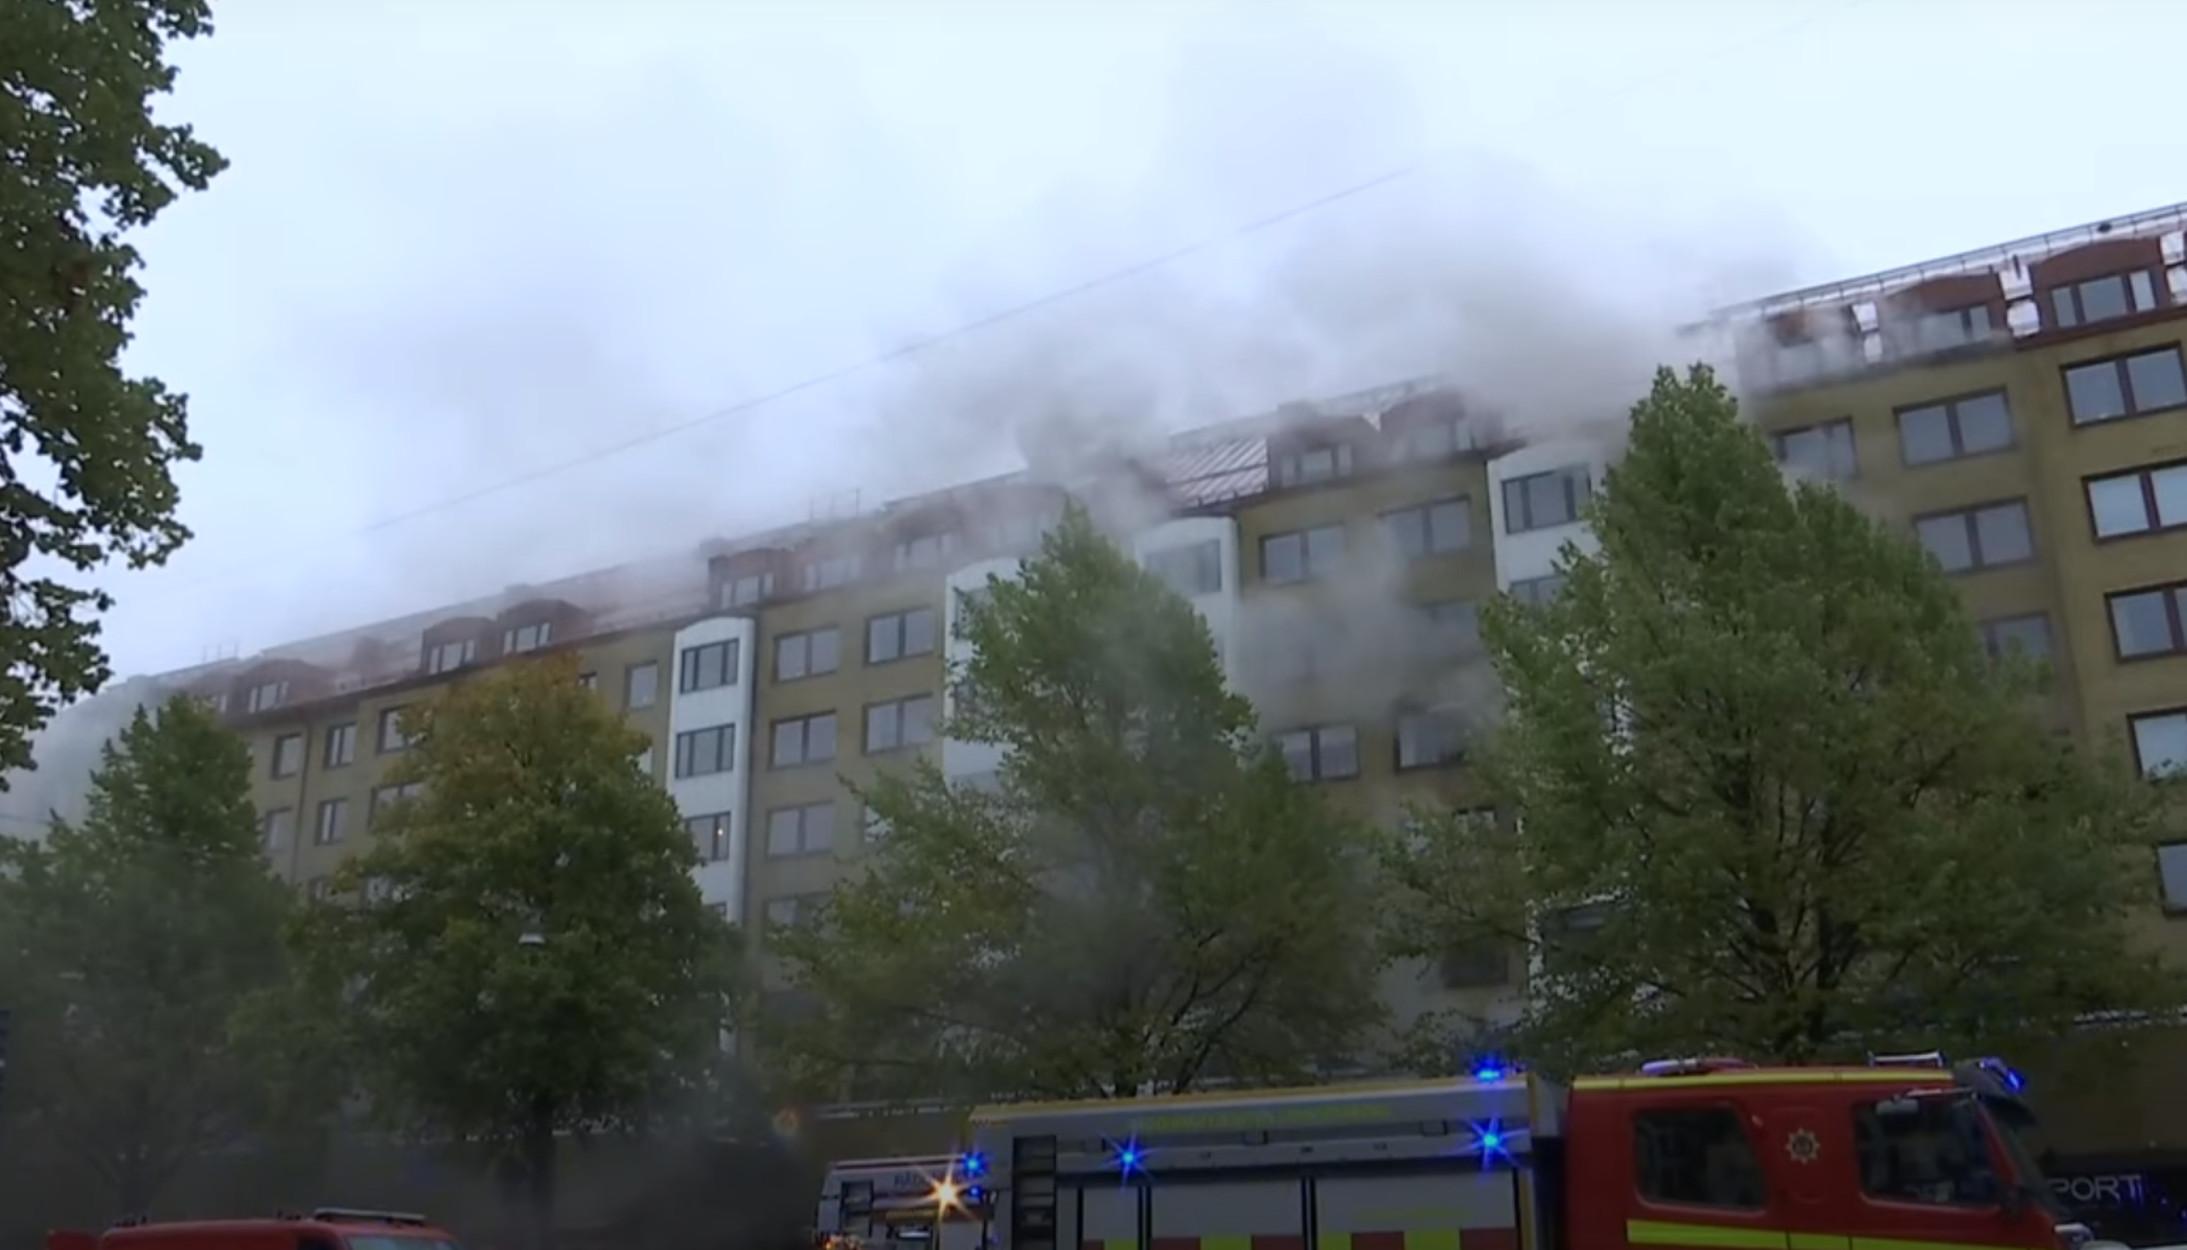 Γκέτεμποργκ: Έκρηξη σε πολυκατοικία – Πάνω από 20 τραυματίες